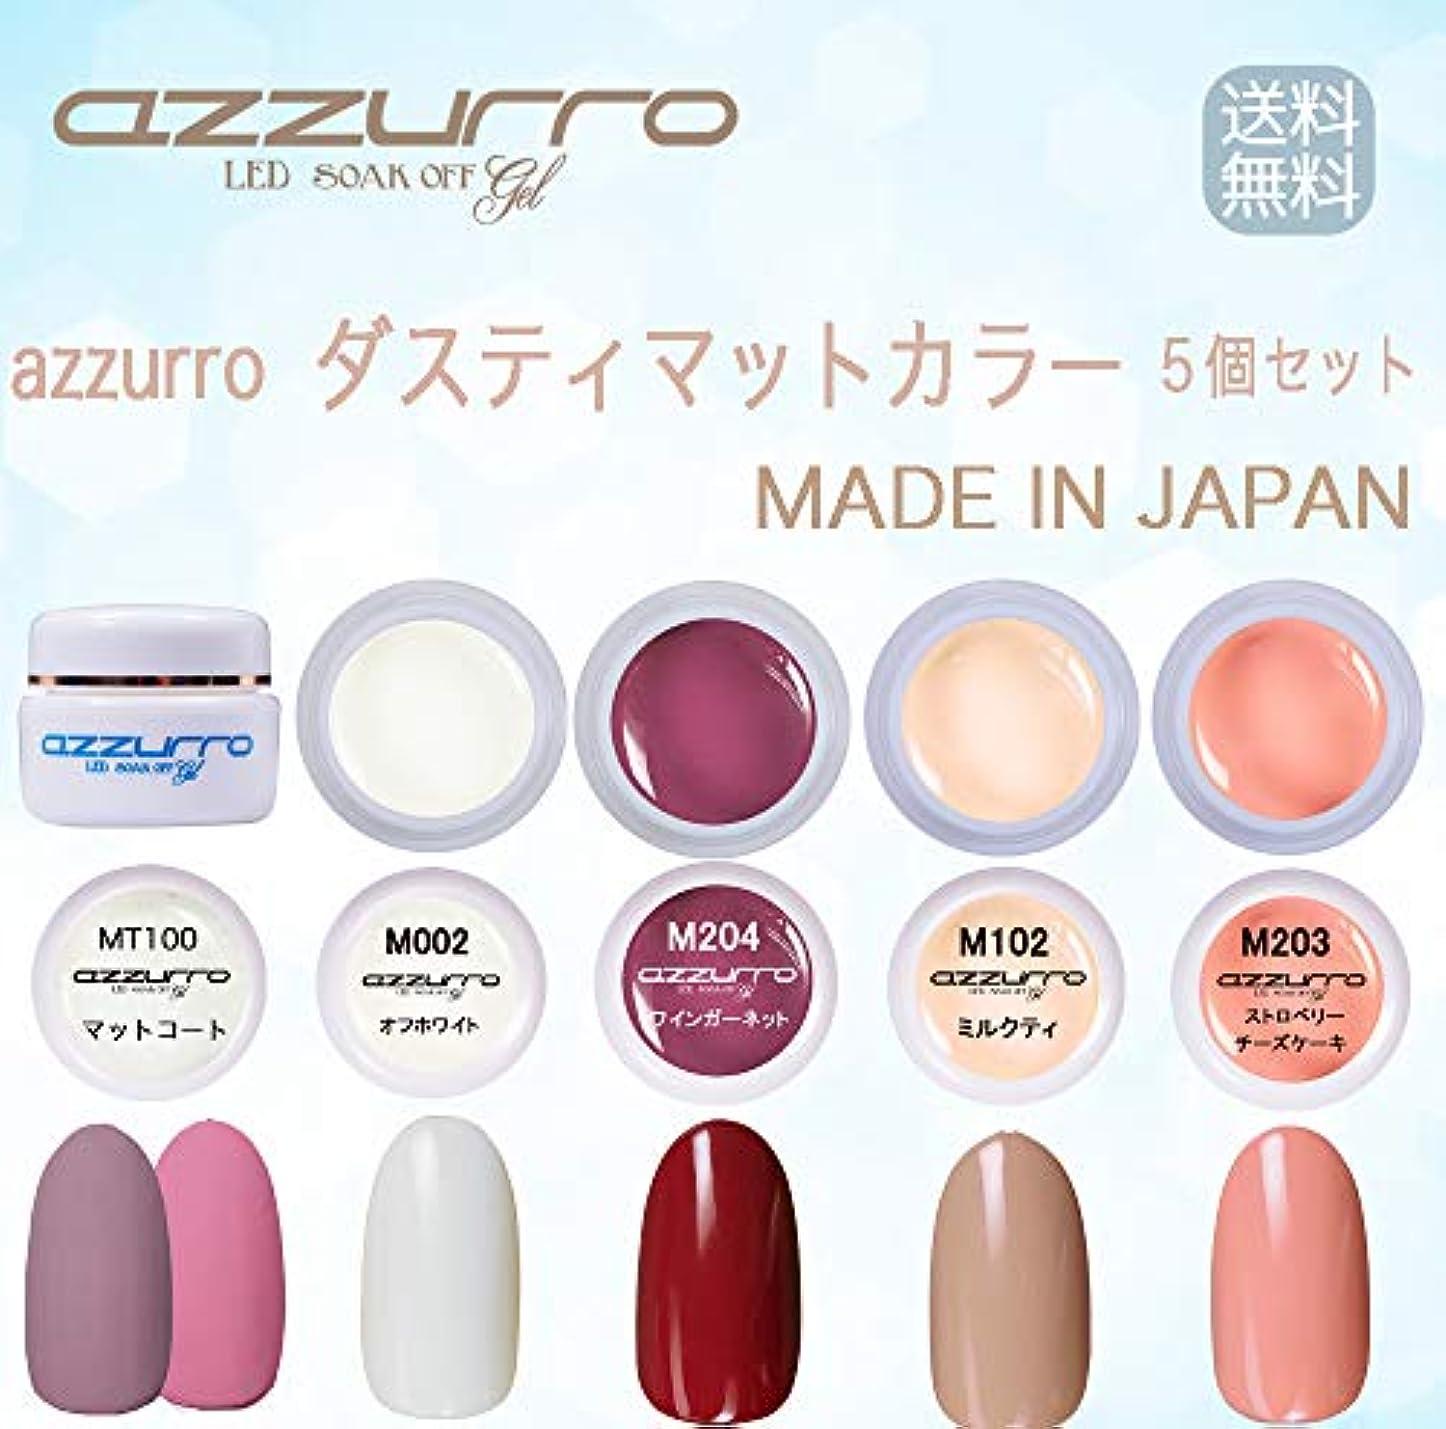 空いている大統領病な【送料無料】日本製 azzurro gel ダスティマットカラージェル5個セット 春ネイルにぴったりなダスティなマットカラー